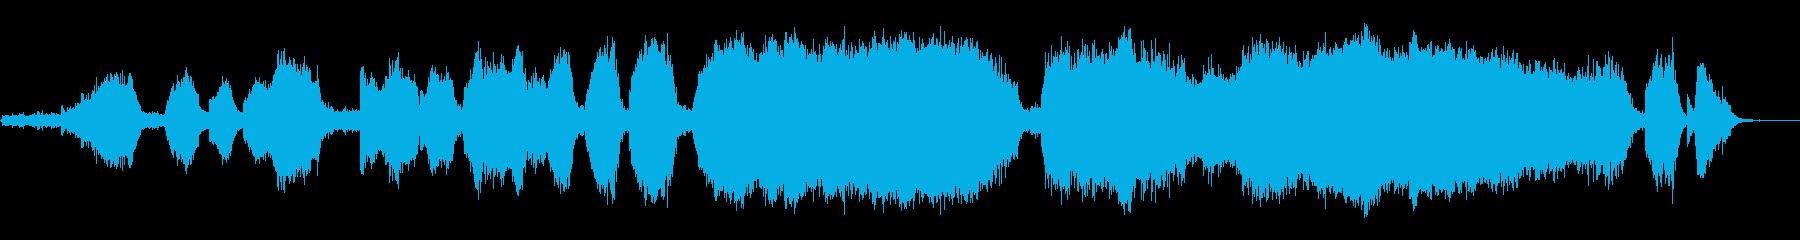 パワーハンドグラインダー:スチール...の再生済みの波形